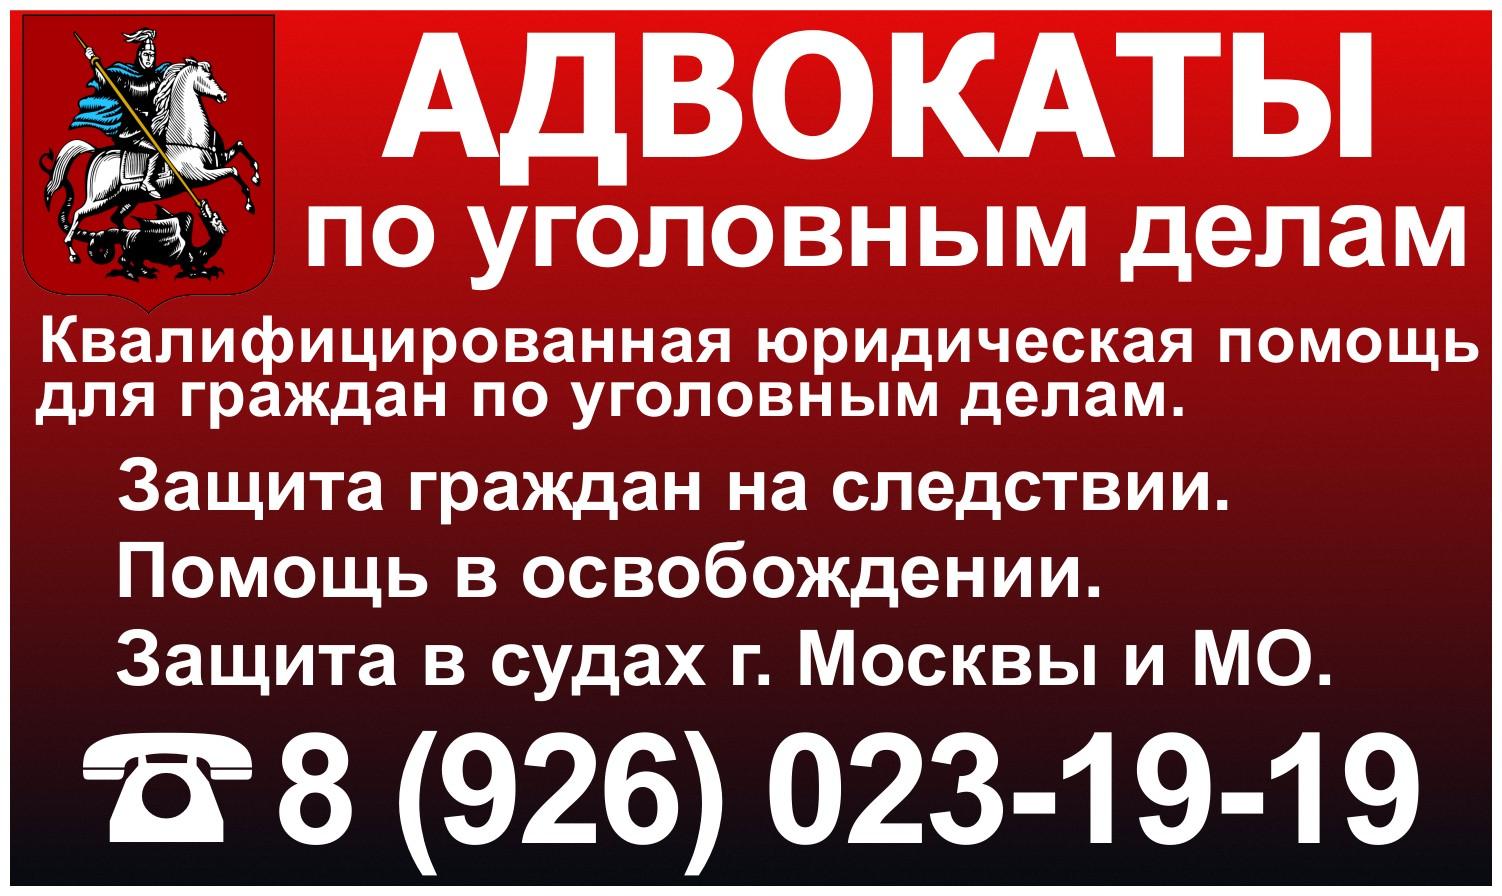 tsena_na advokatov_po_ ugolovnym_delam_moskva